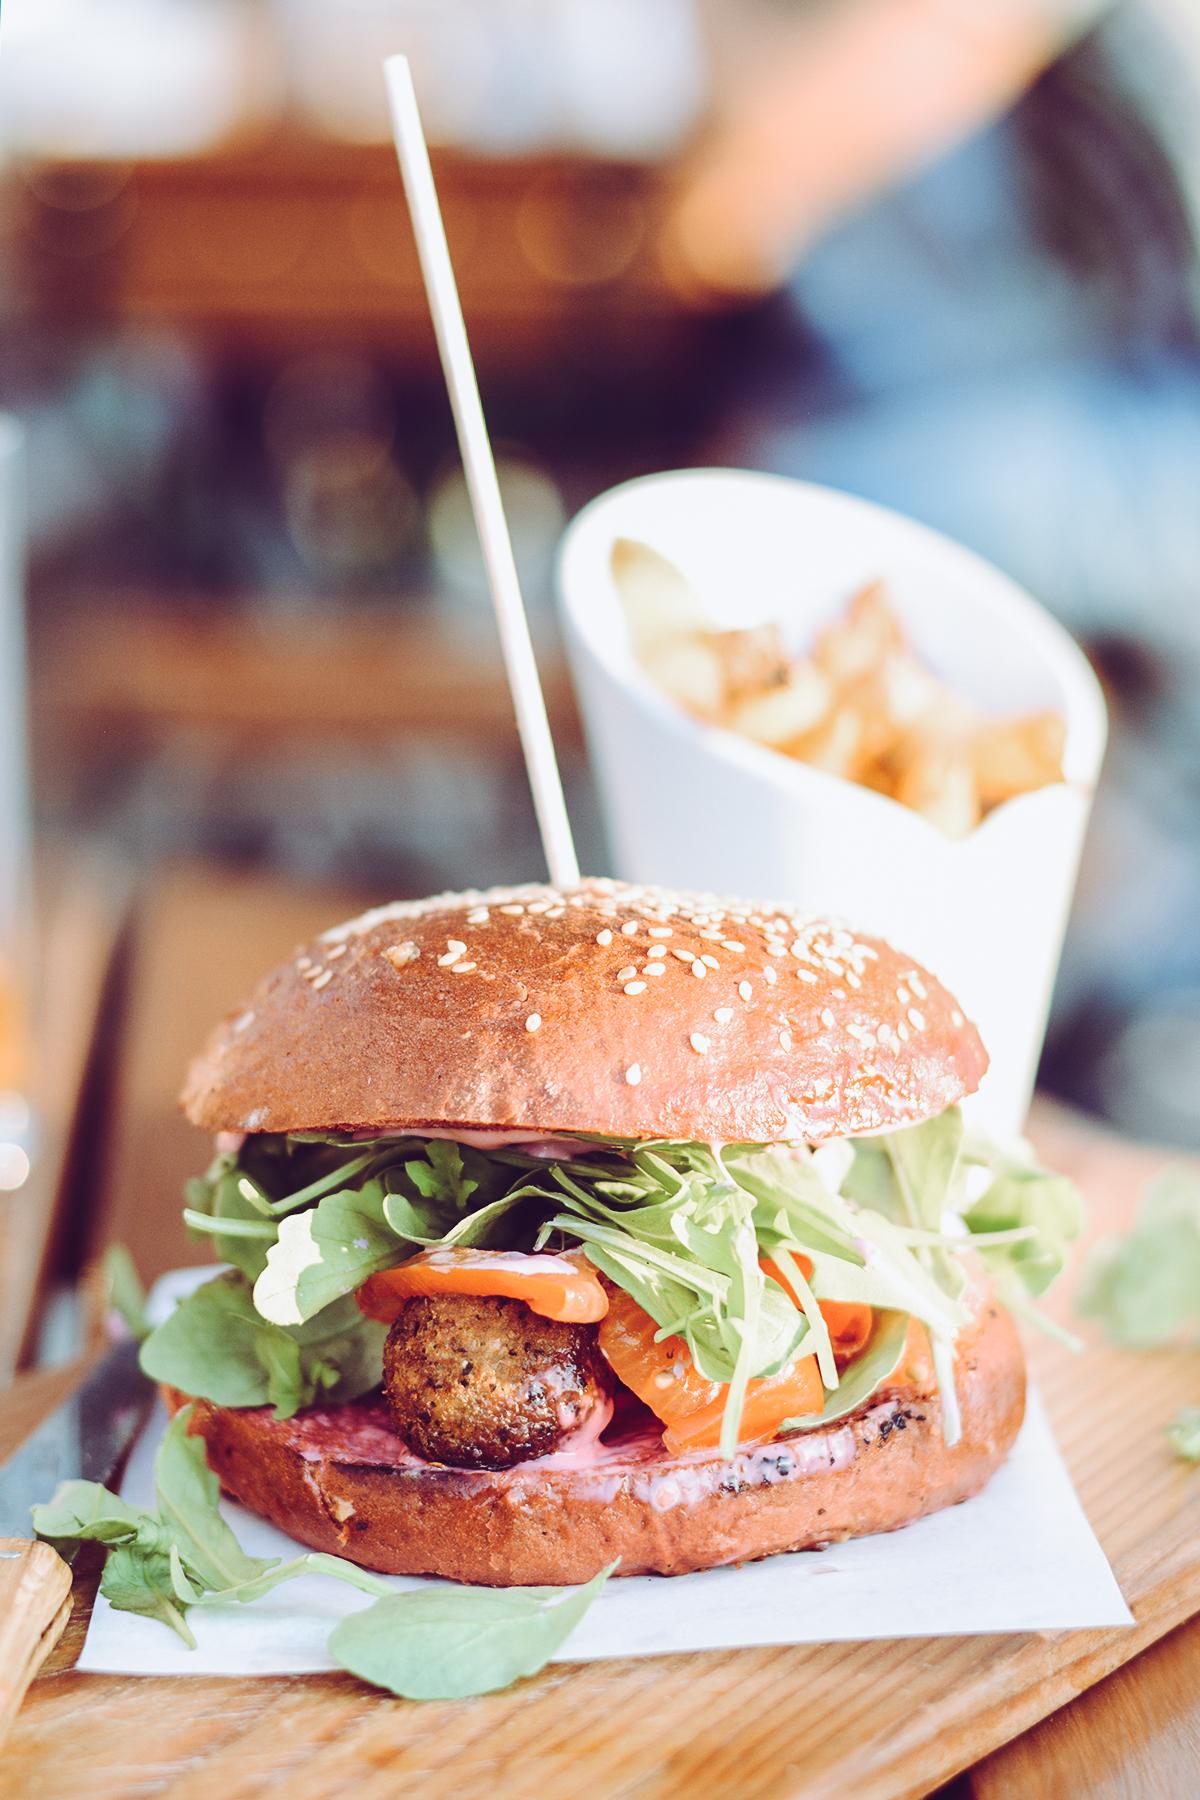 Siriuskogl Restaurant: veganer Burger | Pixi mit Milch